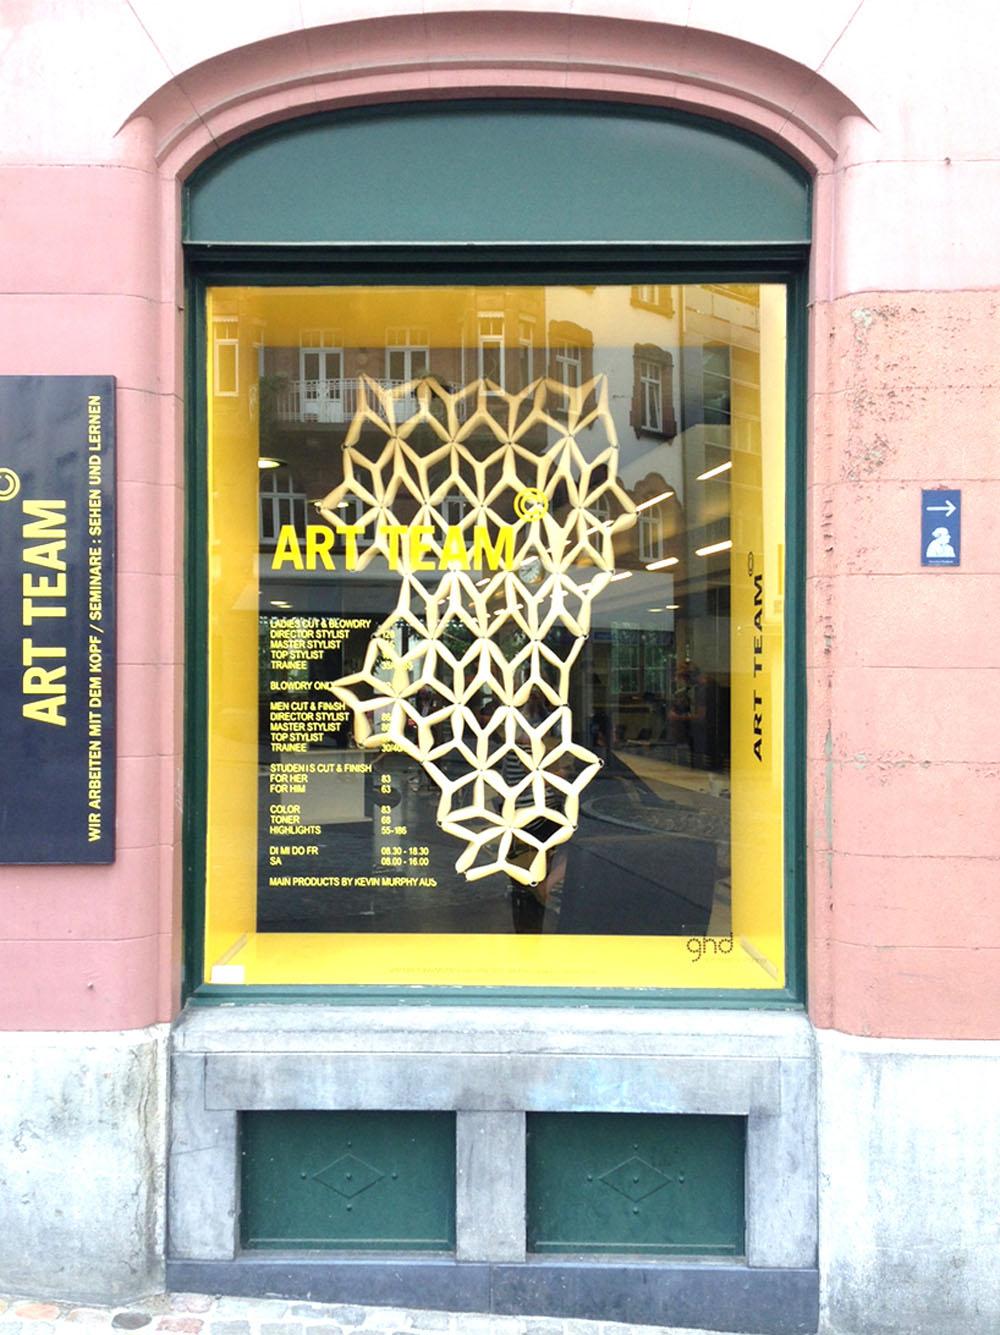 由Anna Spakowska设计的光幕和雕刻灯